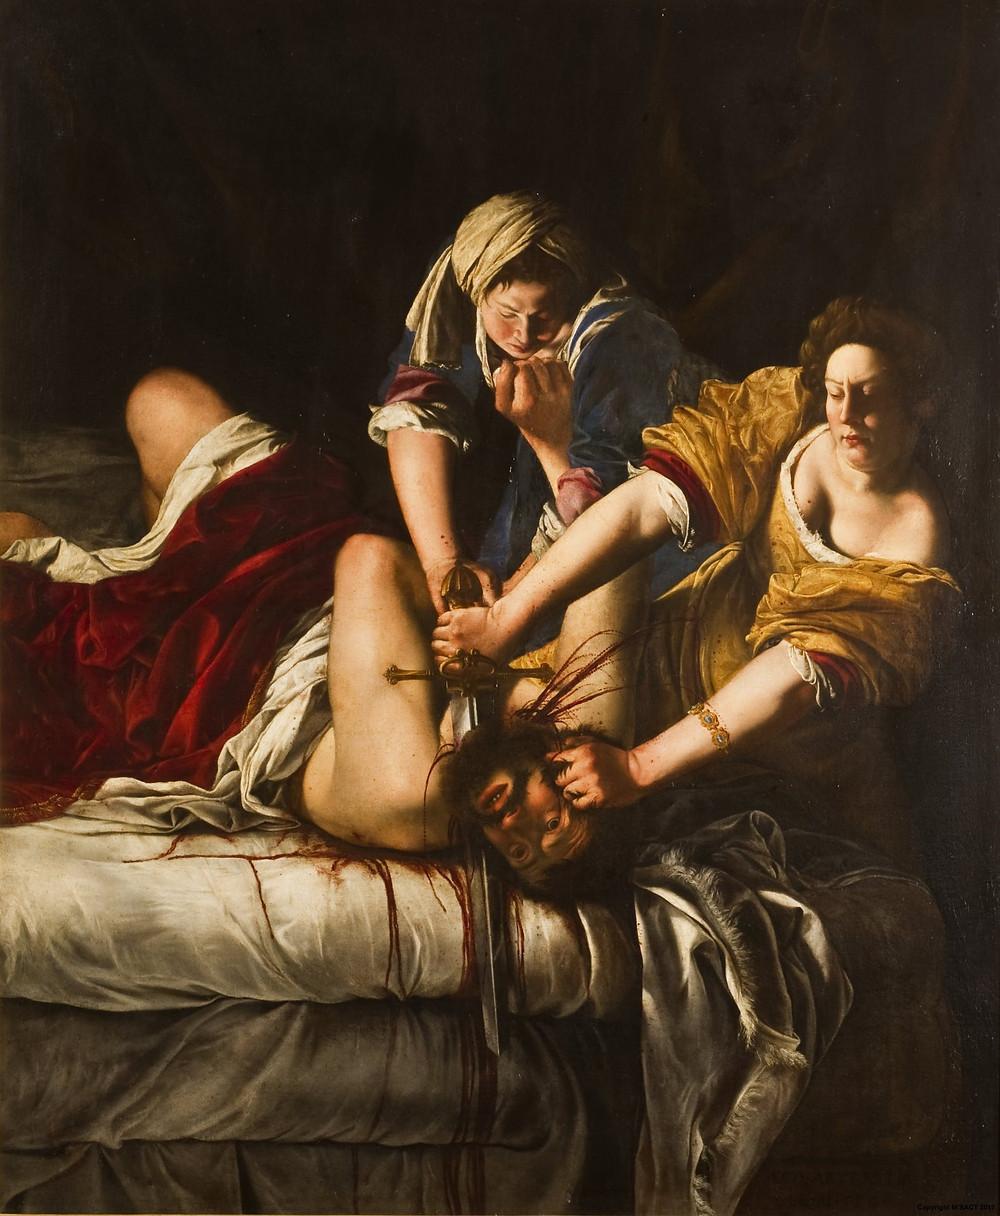 In «Giuditta e Oloferne» di Artemisia Gentileschi si mostra chiara la tematica della lotta con l'uomo cara aall'autrice, che nel corso della sua vita subì una violenza carnale e attraversò per questo anche un umiliante e doloroso processo.